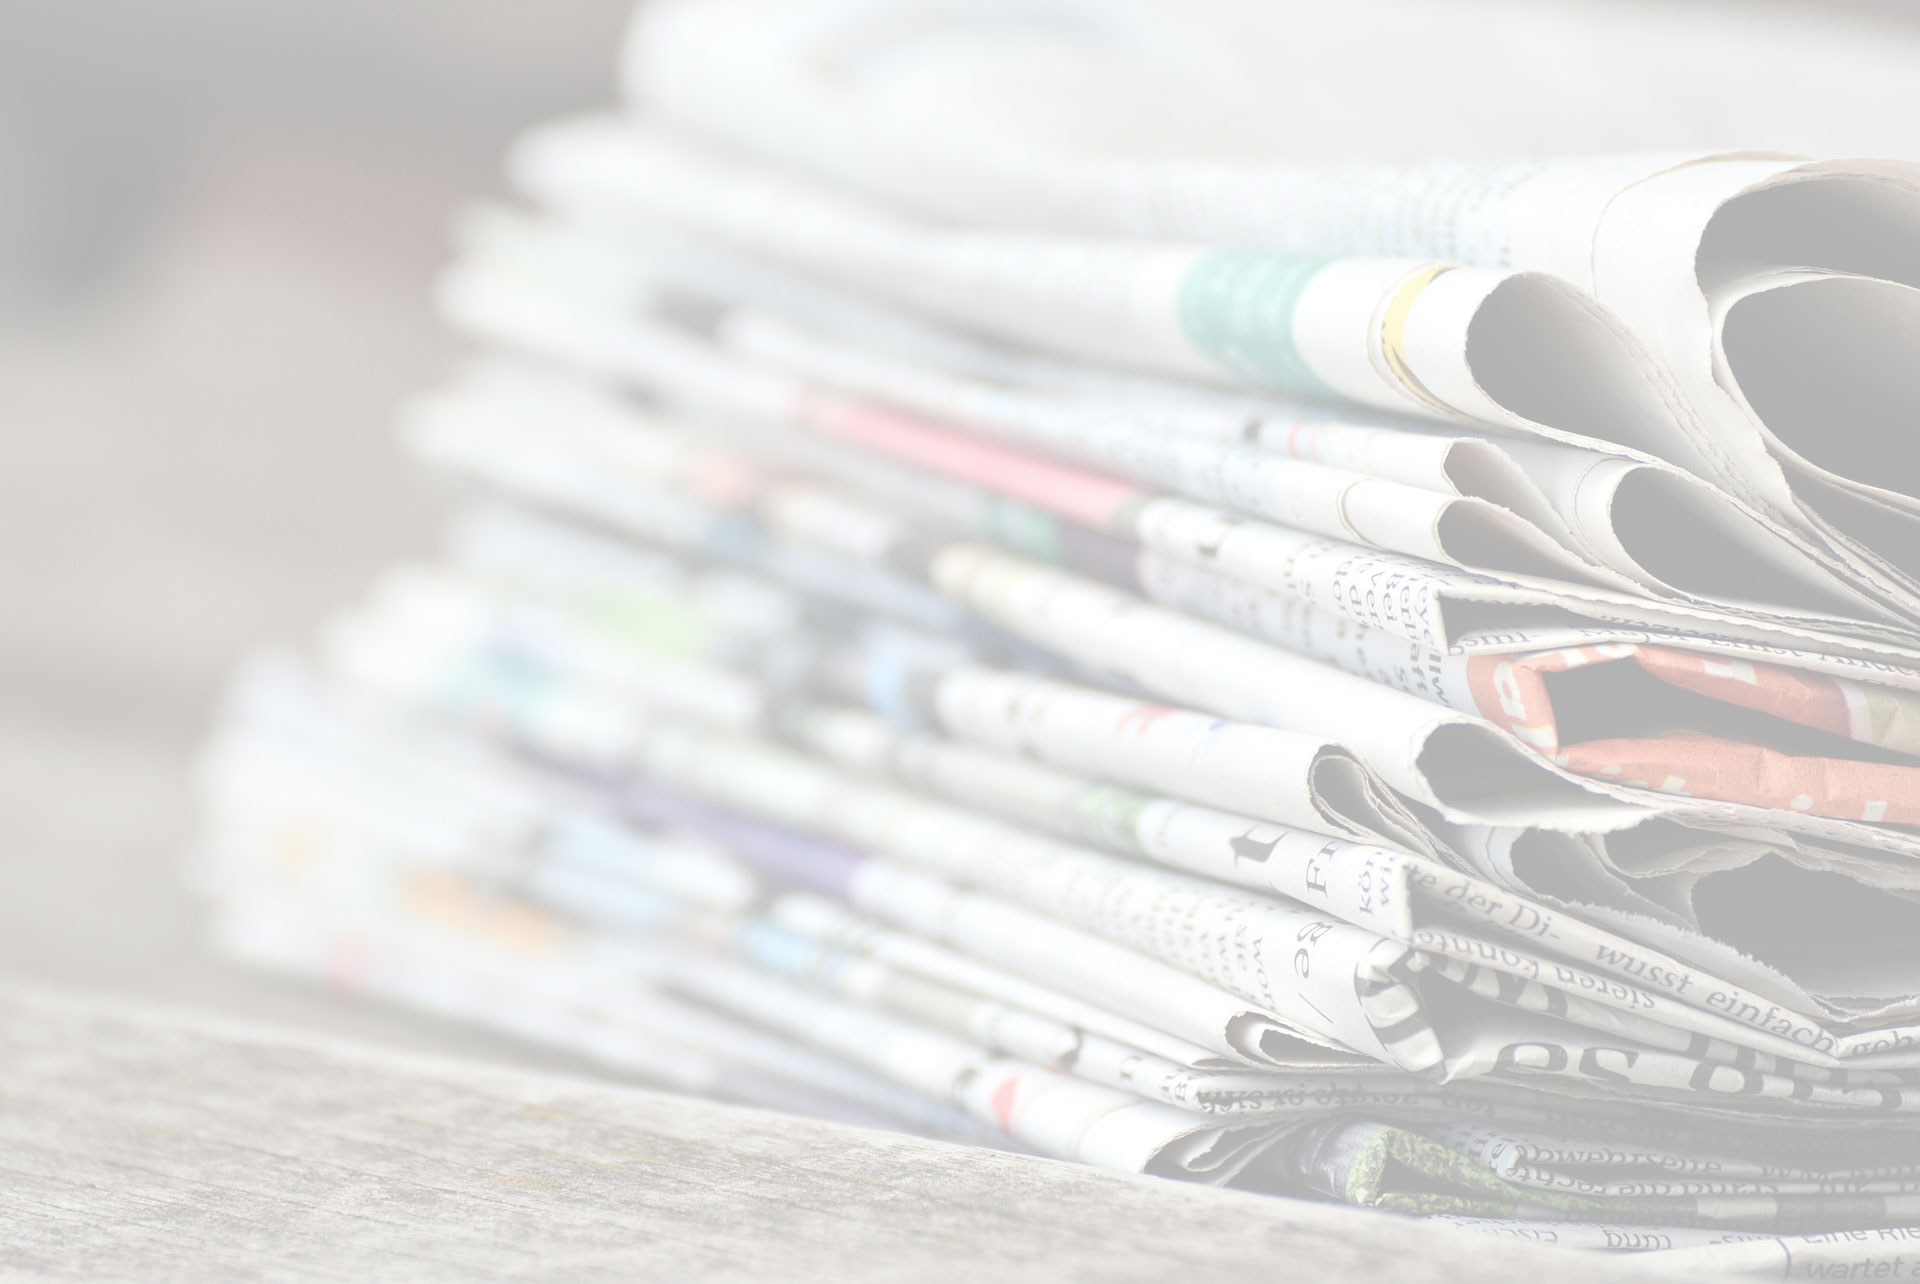 Serie A, La Juve batte il Parma e allunga sull'Inter. Vincon